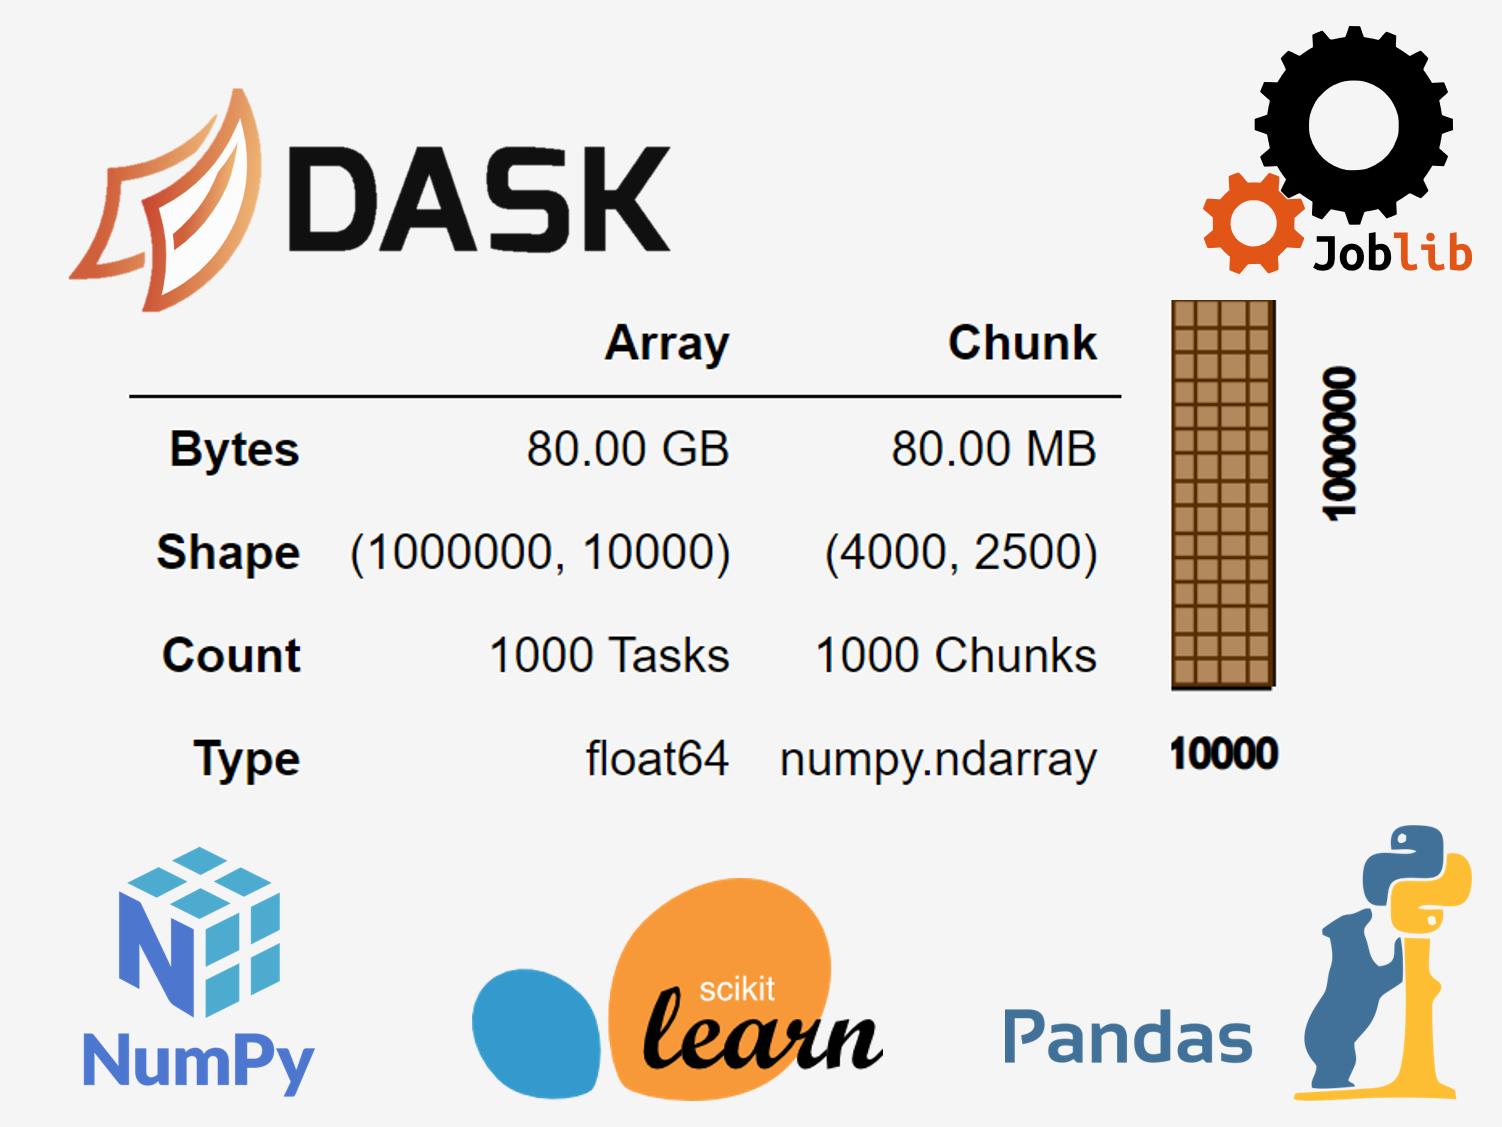 ビッグなデータなら取り急ぎDask(Python)